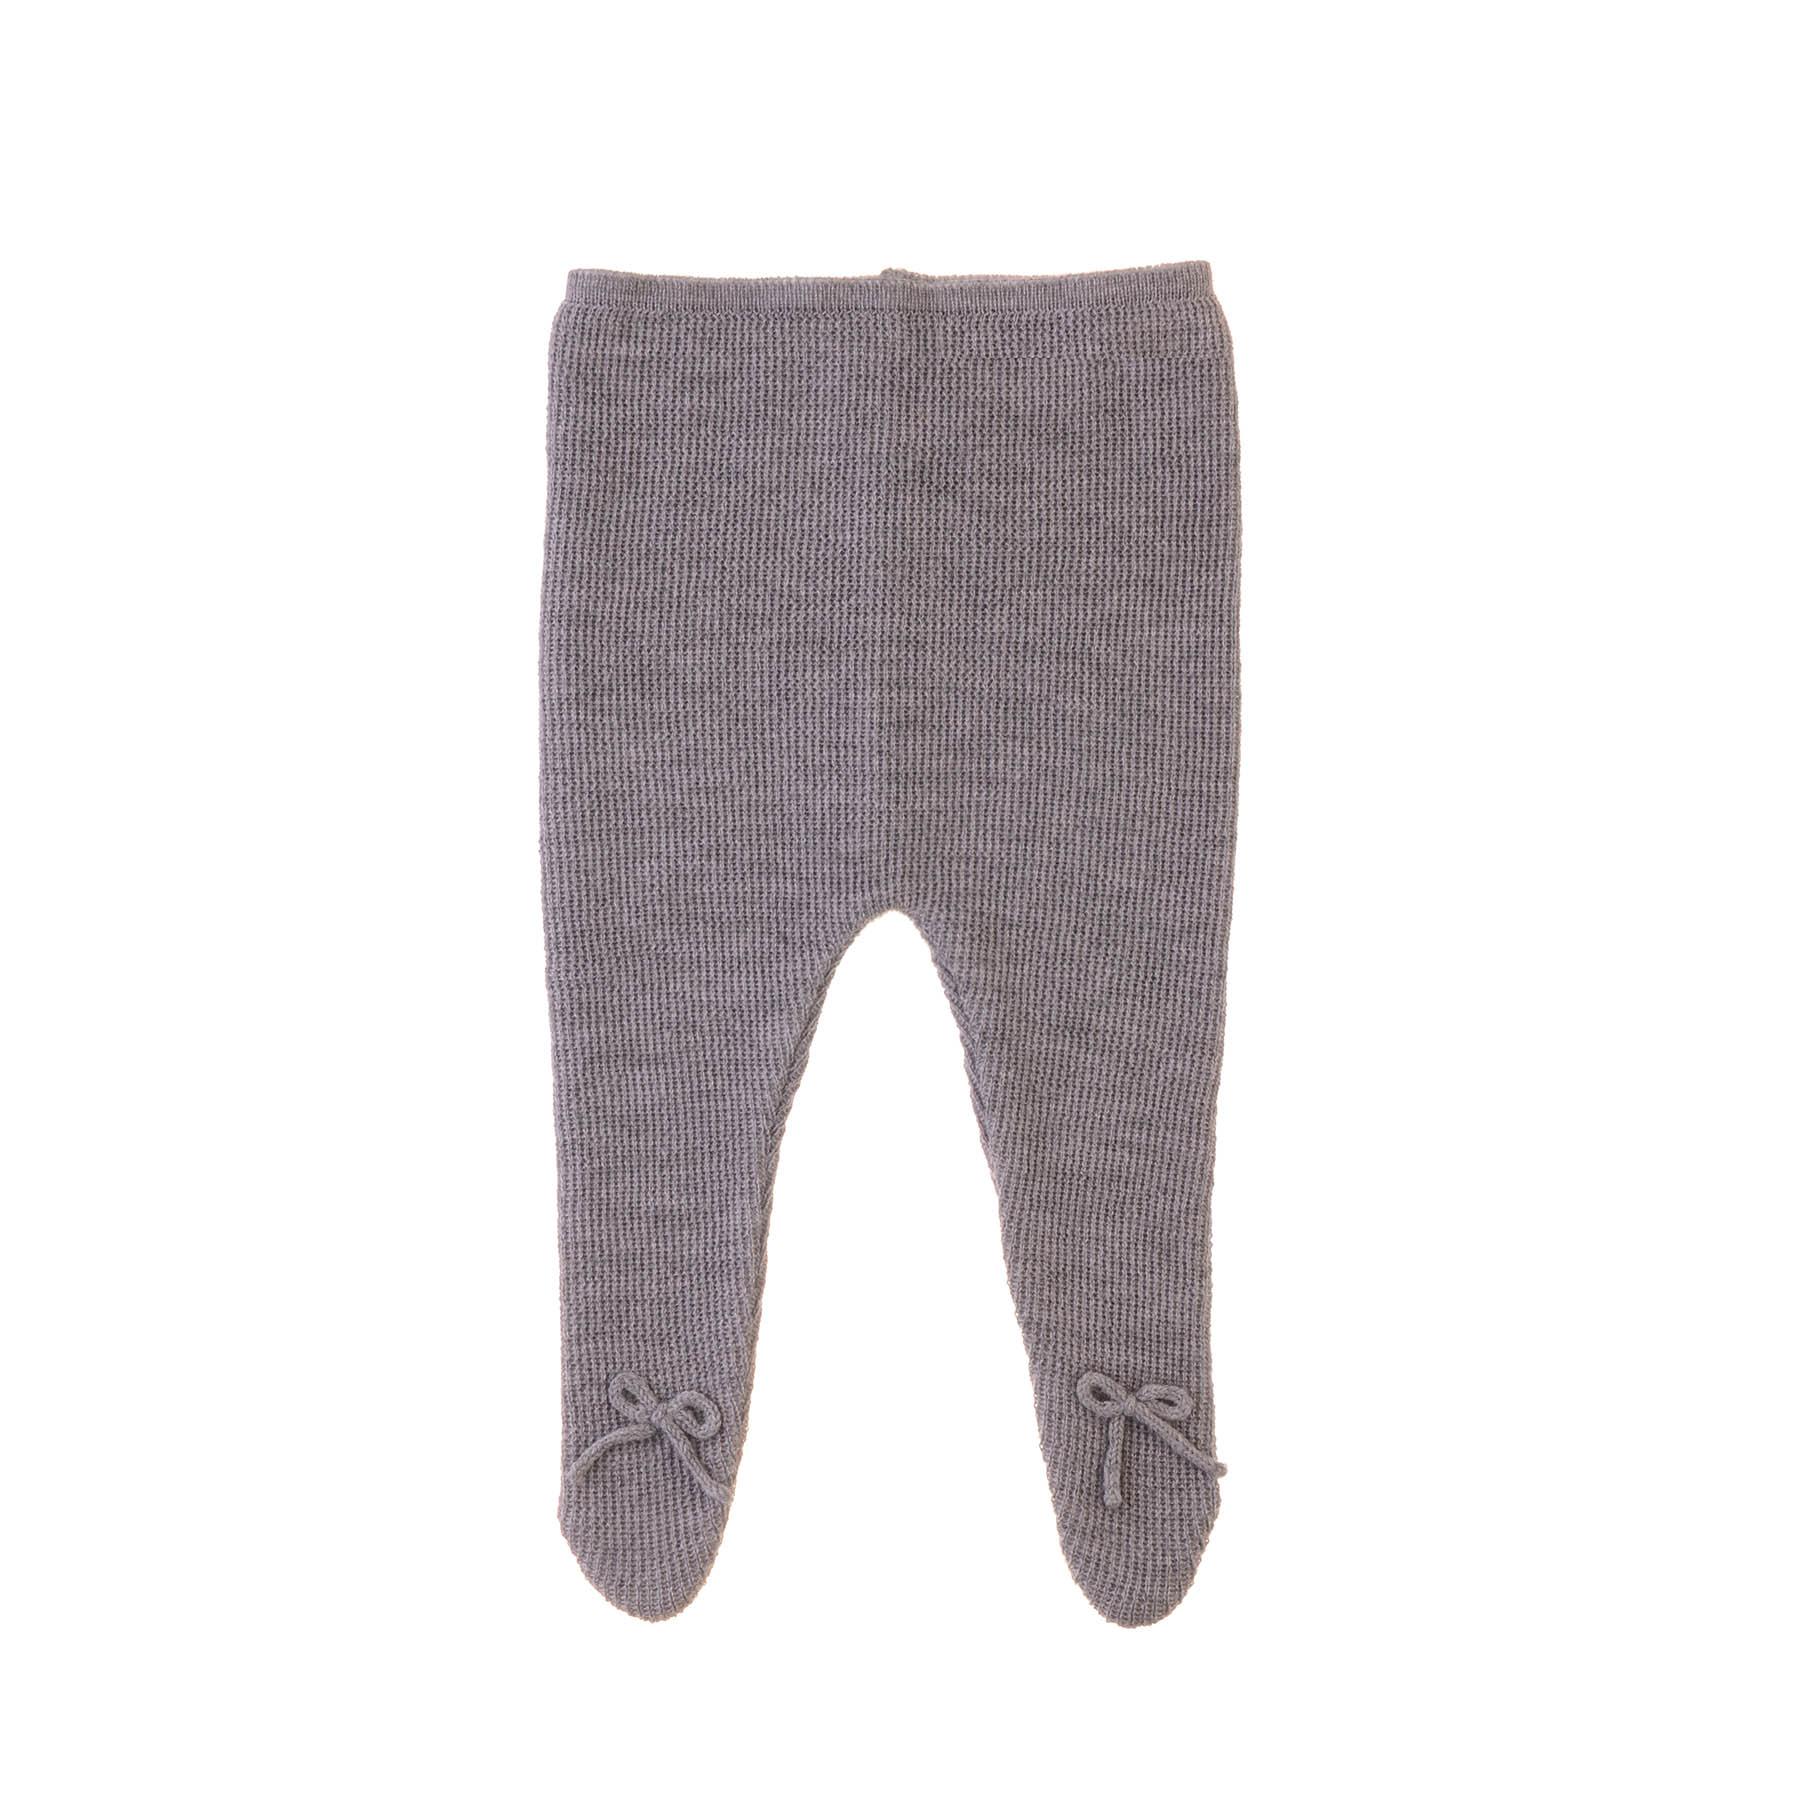 Leggings med fod i grå GOTS merinould strik fra Alerin